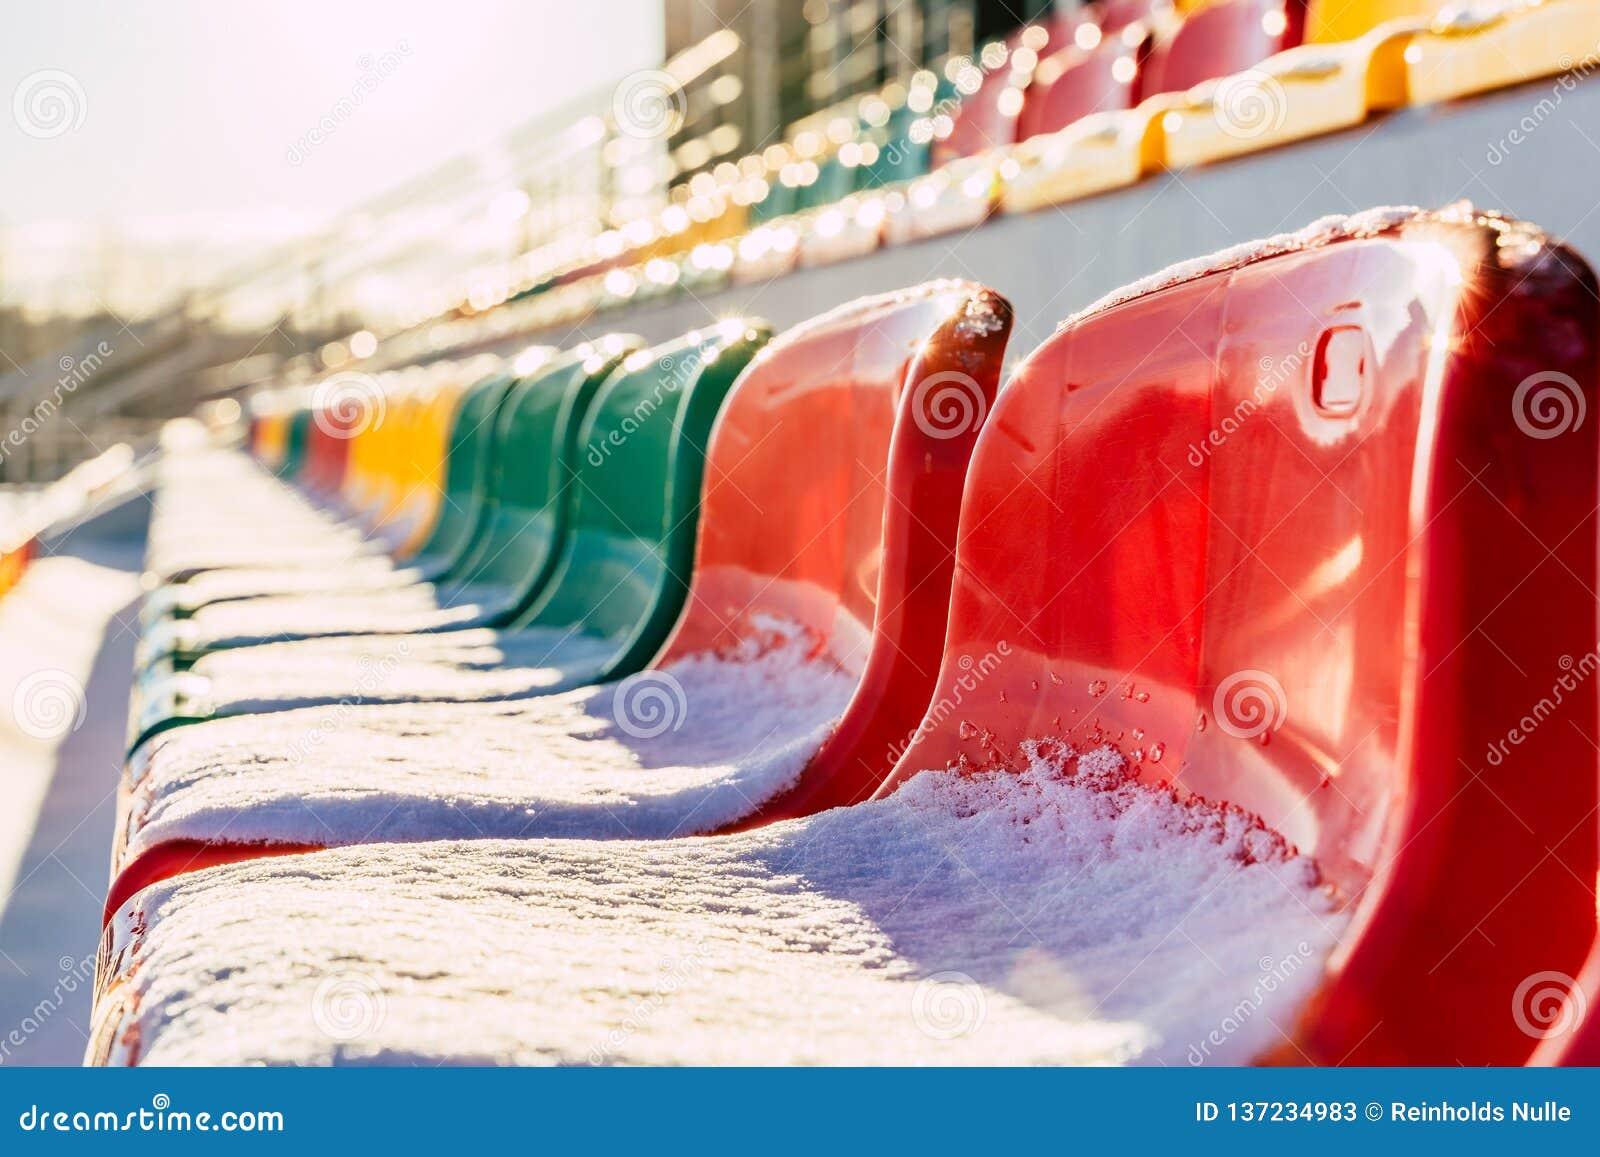 Calcio variopinto vuoto ( Soccer) Sedili dello stadio nell inverno coperto in neve - Sunny Winter Day con il chiarore di Sun